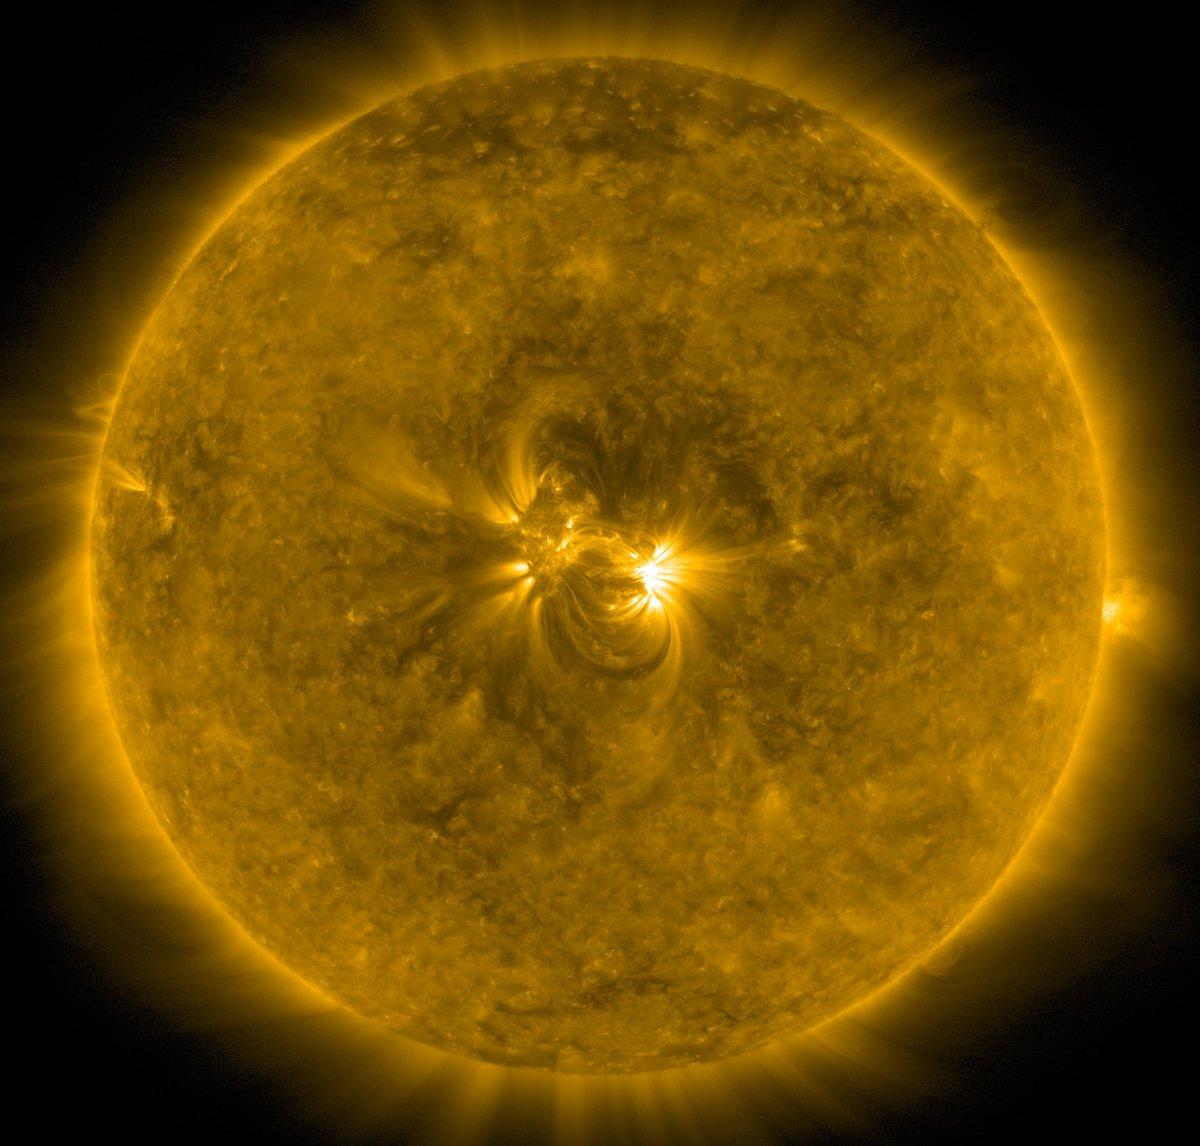 Livebild der Sonne via Satellit SDO. Sogenannte 'Aktive Region' zielt gerade genau in unsere Richtung. Ist etwa so, als ob man in die Mündung eines geladenen Revolvers schaut. Aber da das mit der Sonne oft passiert, ohne dass was passiert: keine Panik!